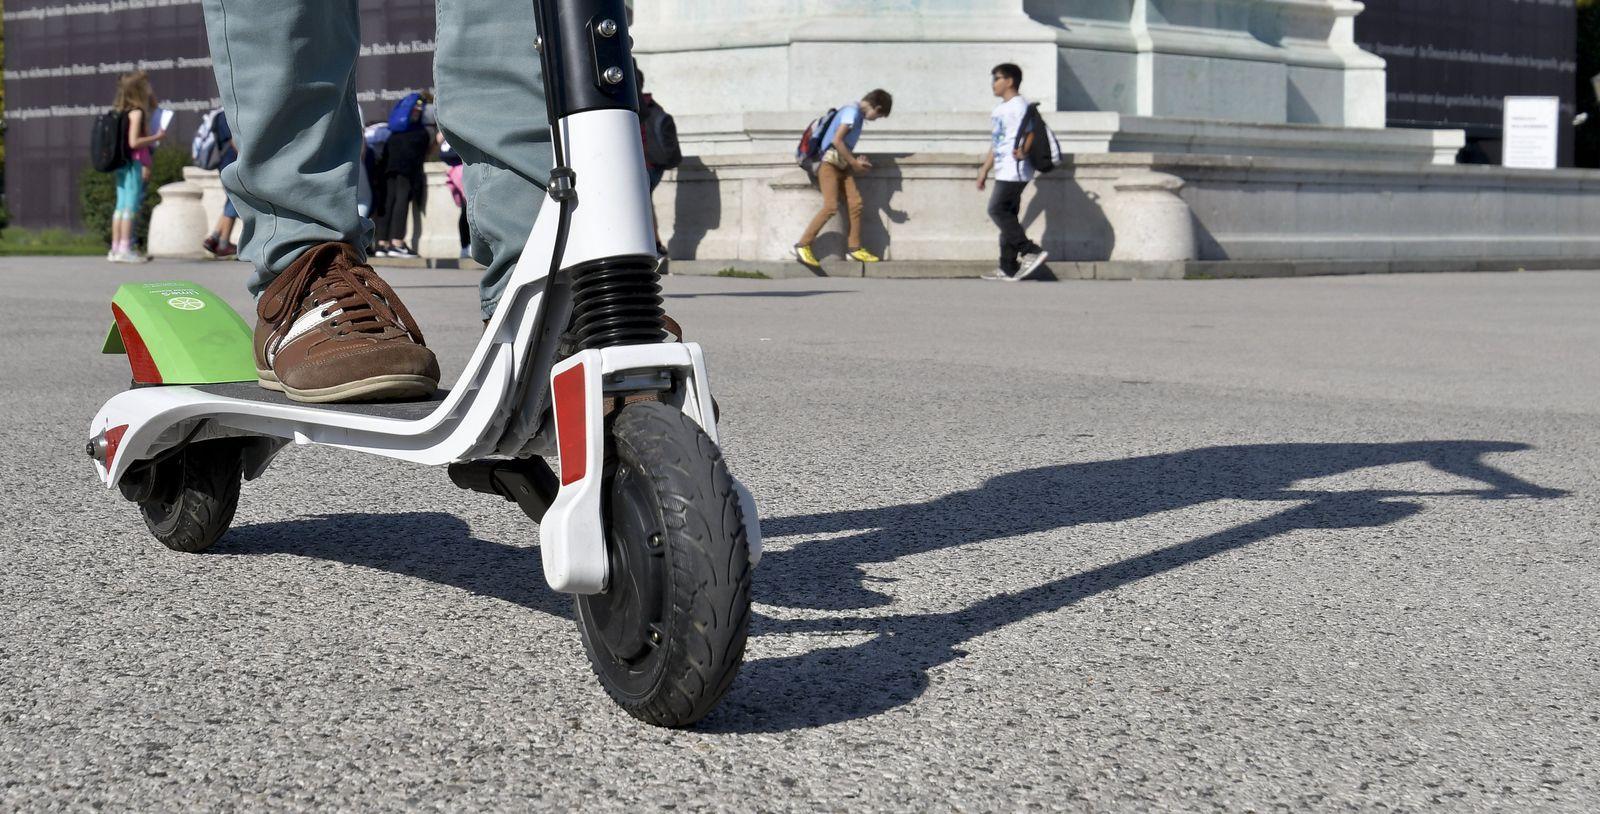 Per Tretroller durch die Blechlawine - E-Scooter in Wien